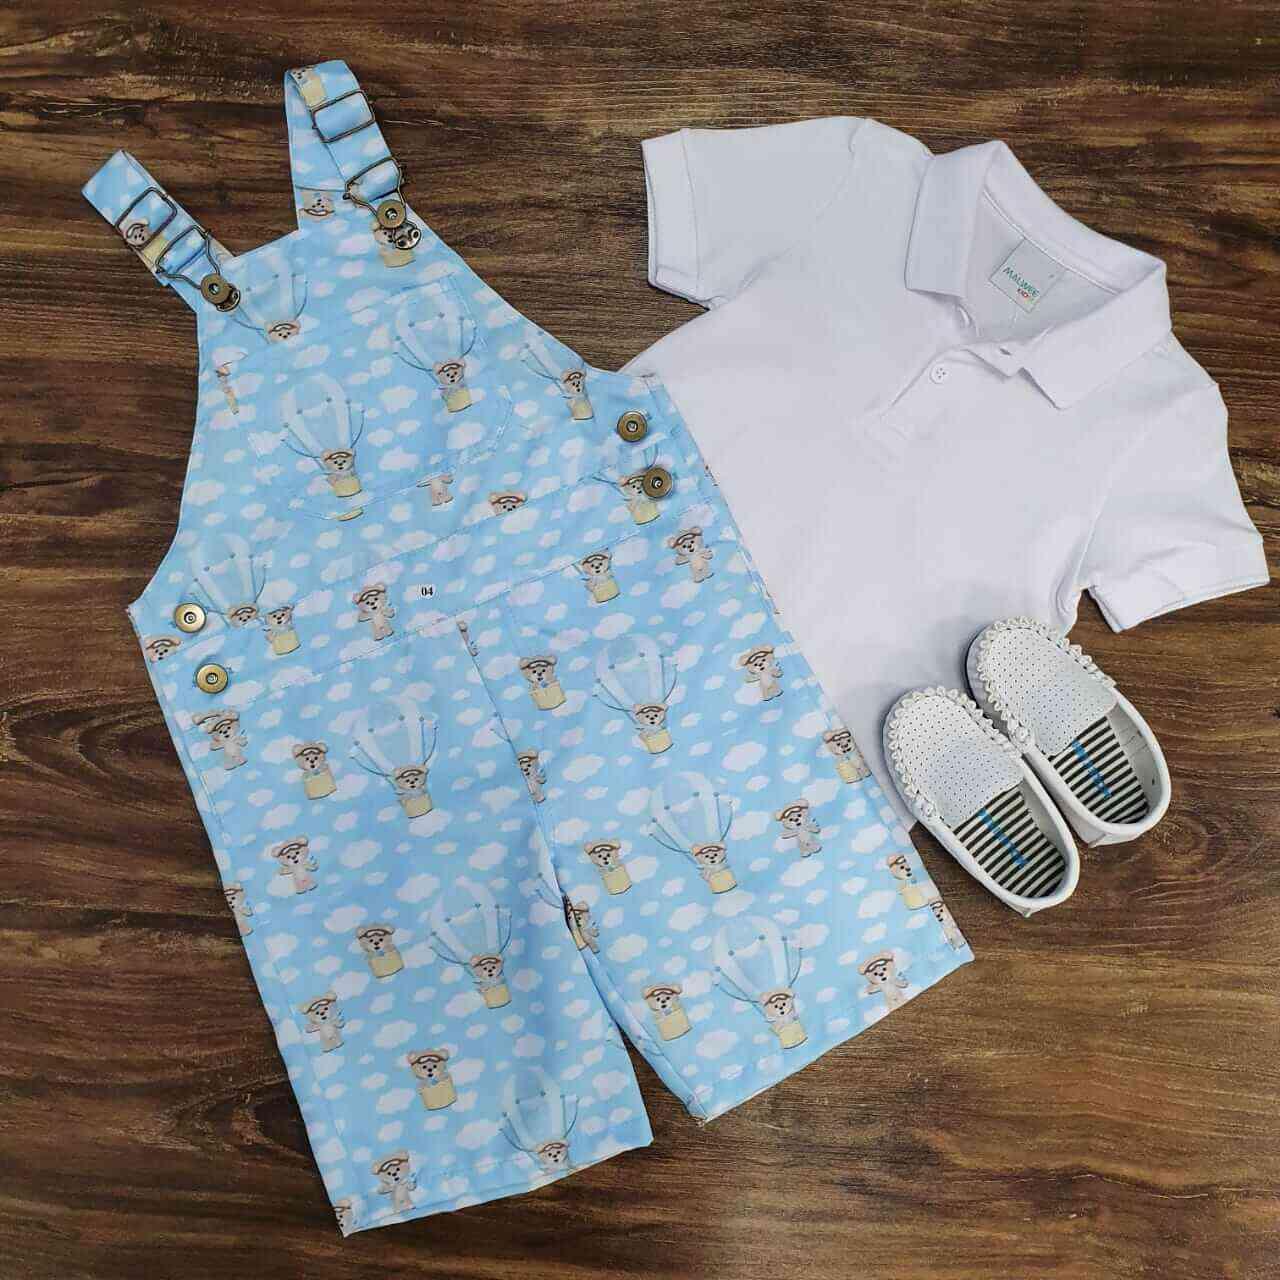 Jardineira Urso Baloeiro com Camisa Polo Branca Infantil